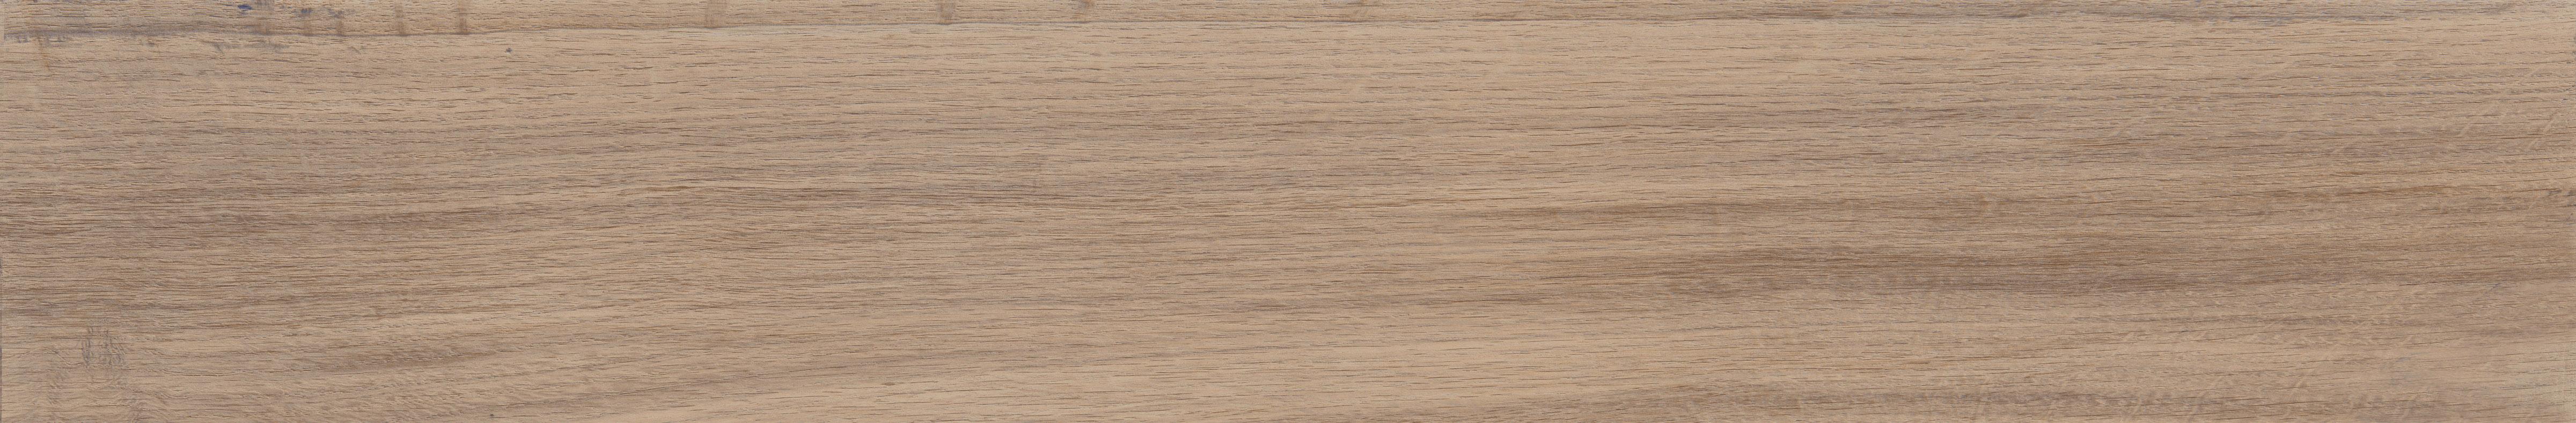 Плитка Allwood Brown (zzxwu6r) изображение 3